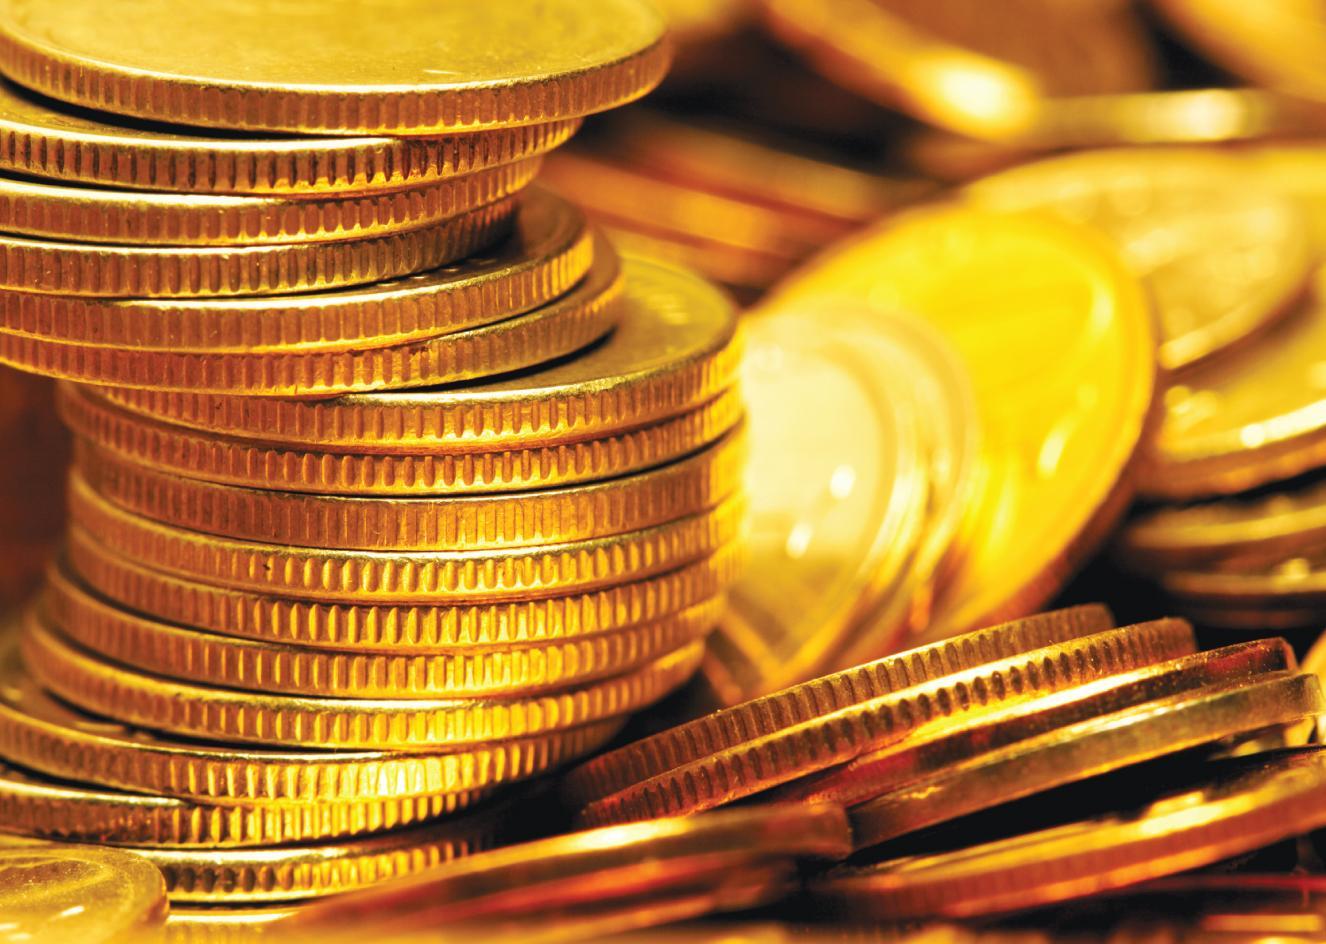 اسعار الذهب في مصر اليوم الاربعاء 23-4-2014 , اسعار جنيه الذهب الاربعاء 23 ابريل 2014